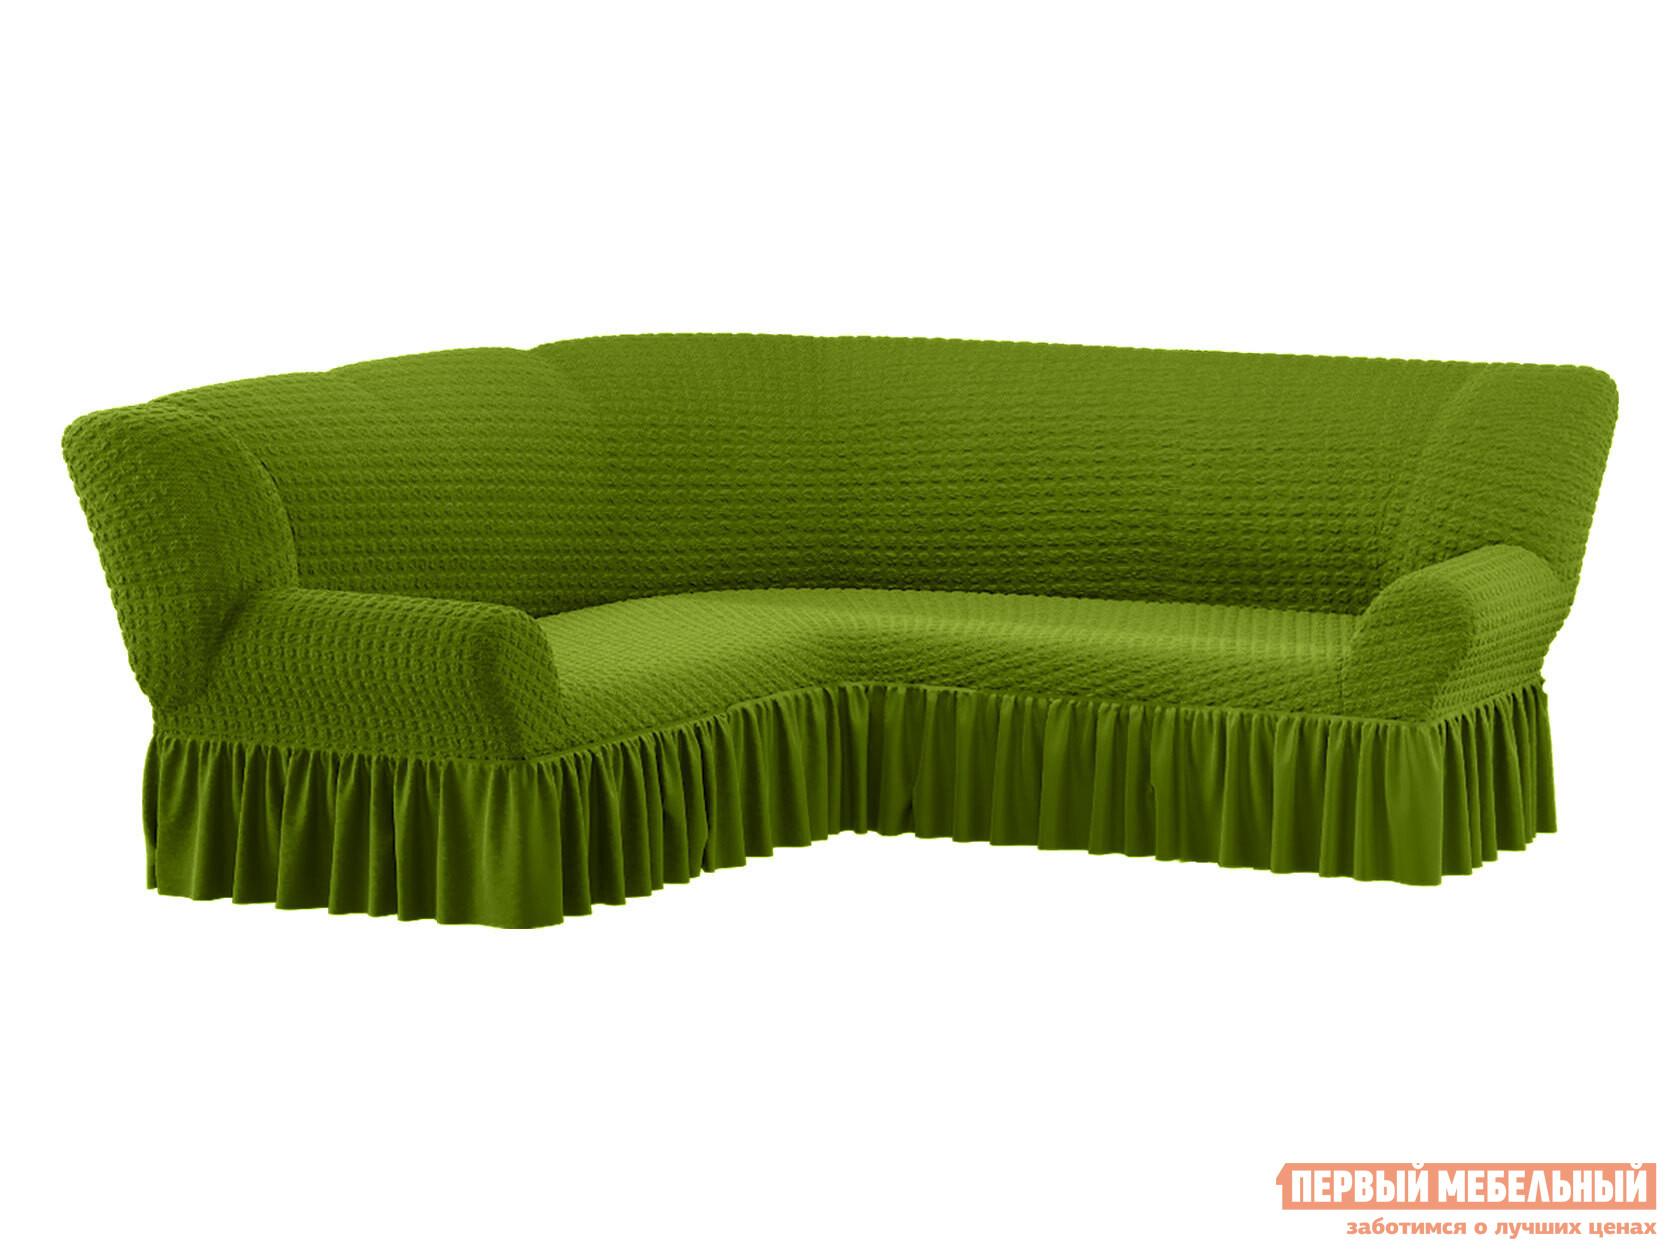 Фото - Чехол для углового дивана Первый Мебельный Чехол на угловой диван жатка чехол для двухместного дивана первый мебельный чехол для дивана стамбул двухместный без юбки